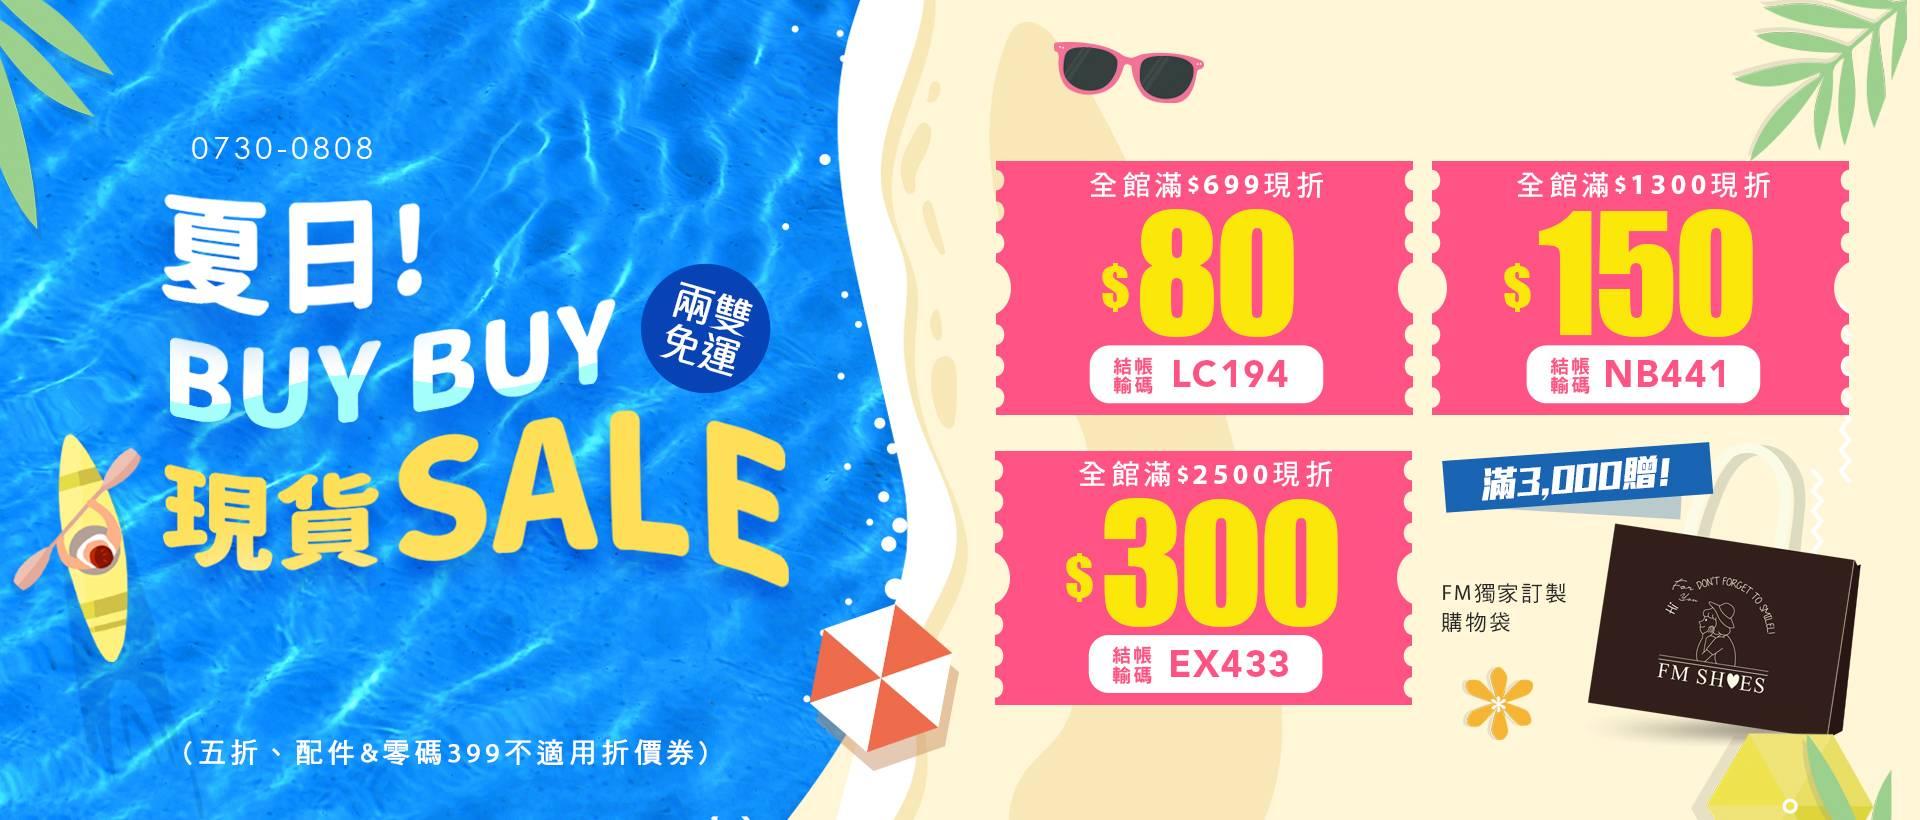 夏日buy buy sale